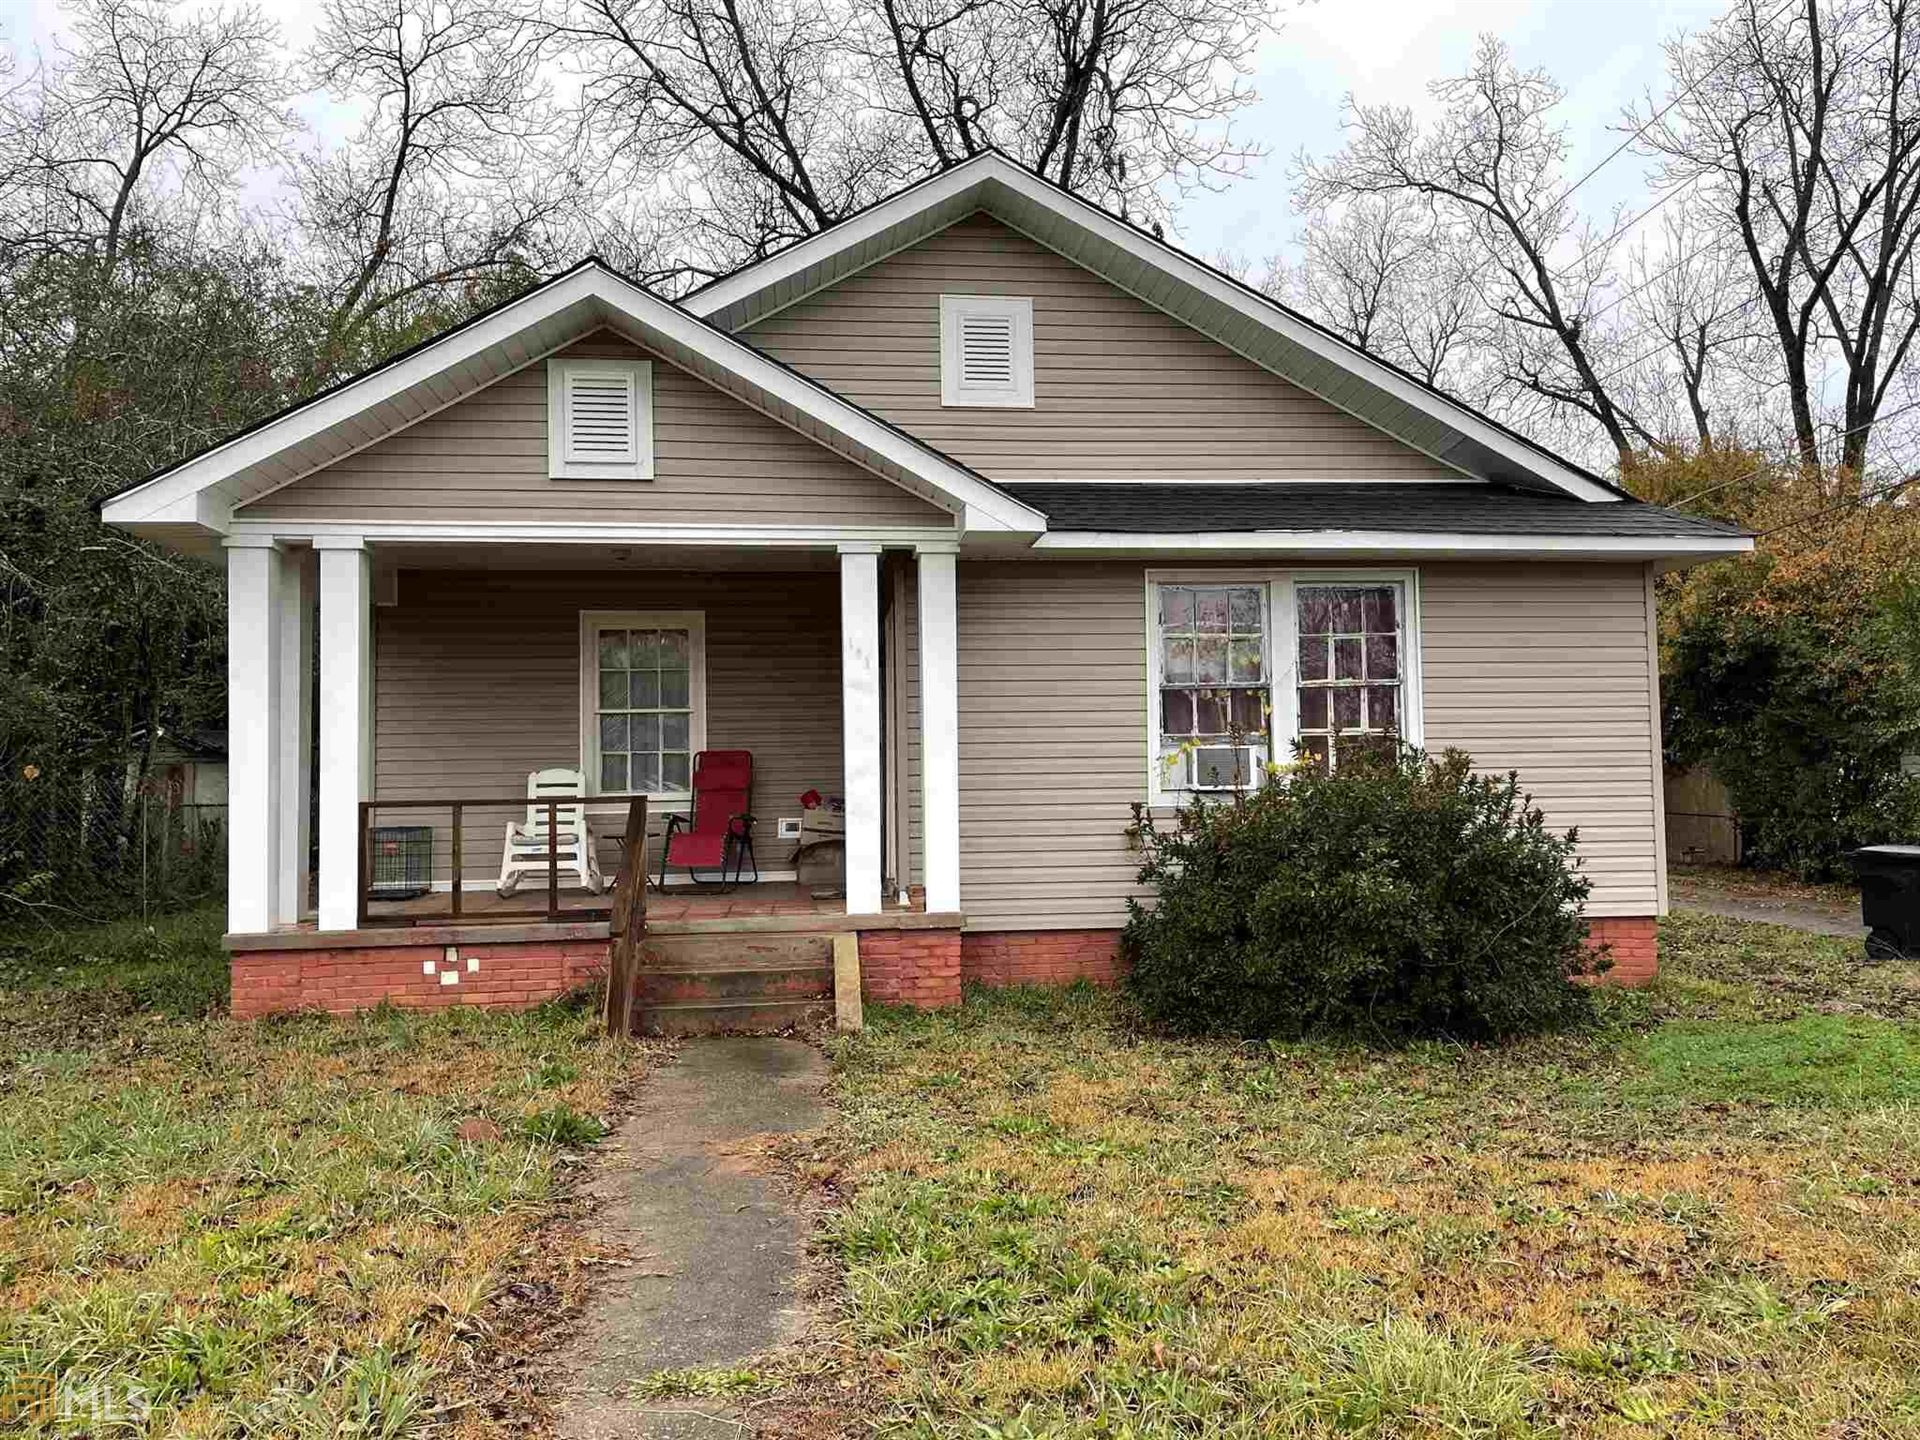 109 C St, Thomaston, GA 30286 - MLS#: 8902427